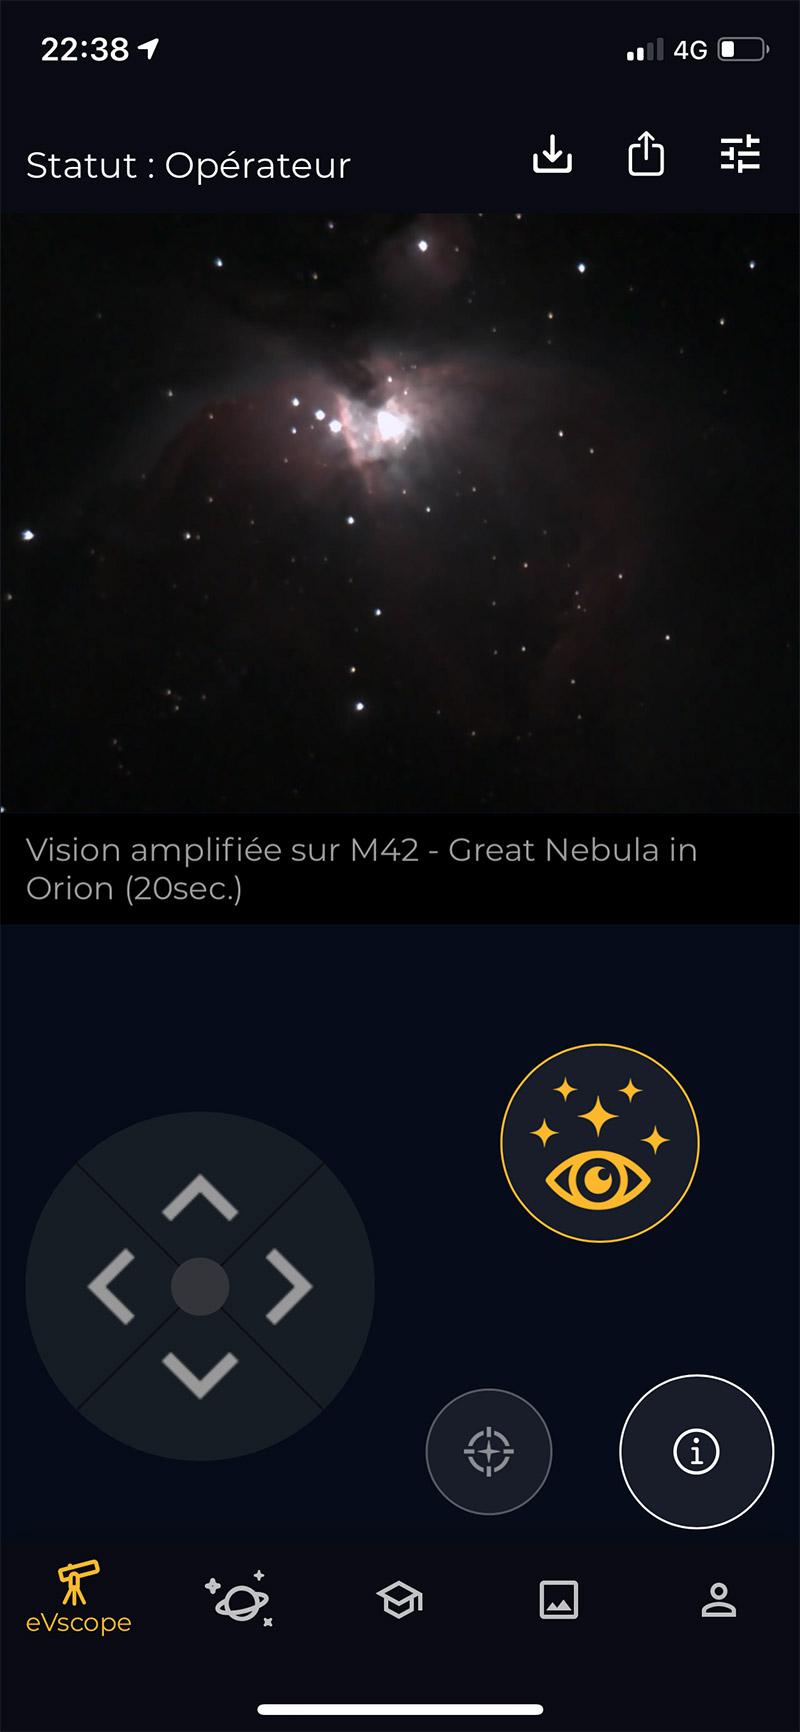 Vision amplifiée sur M42